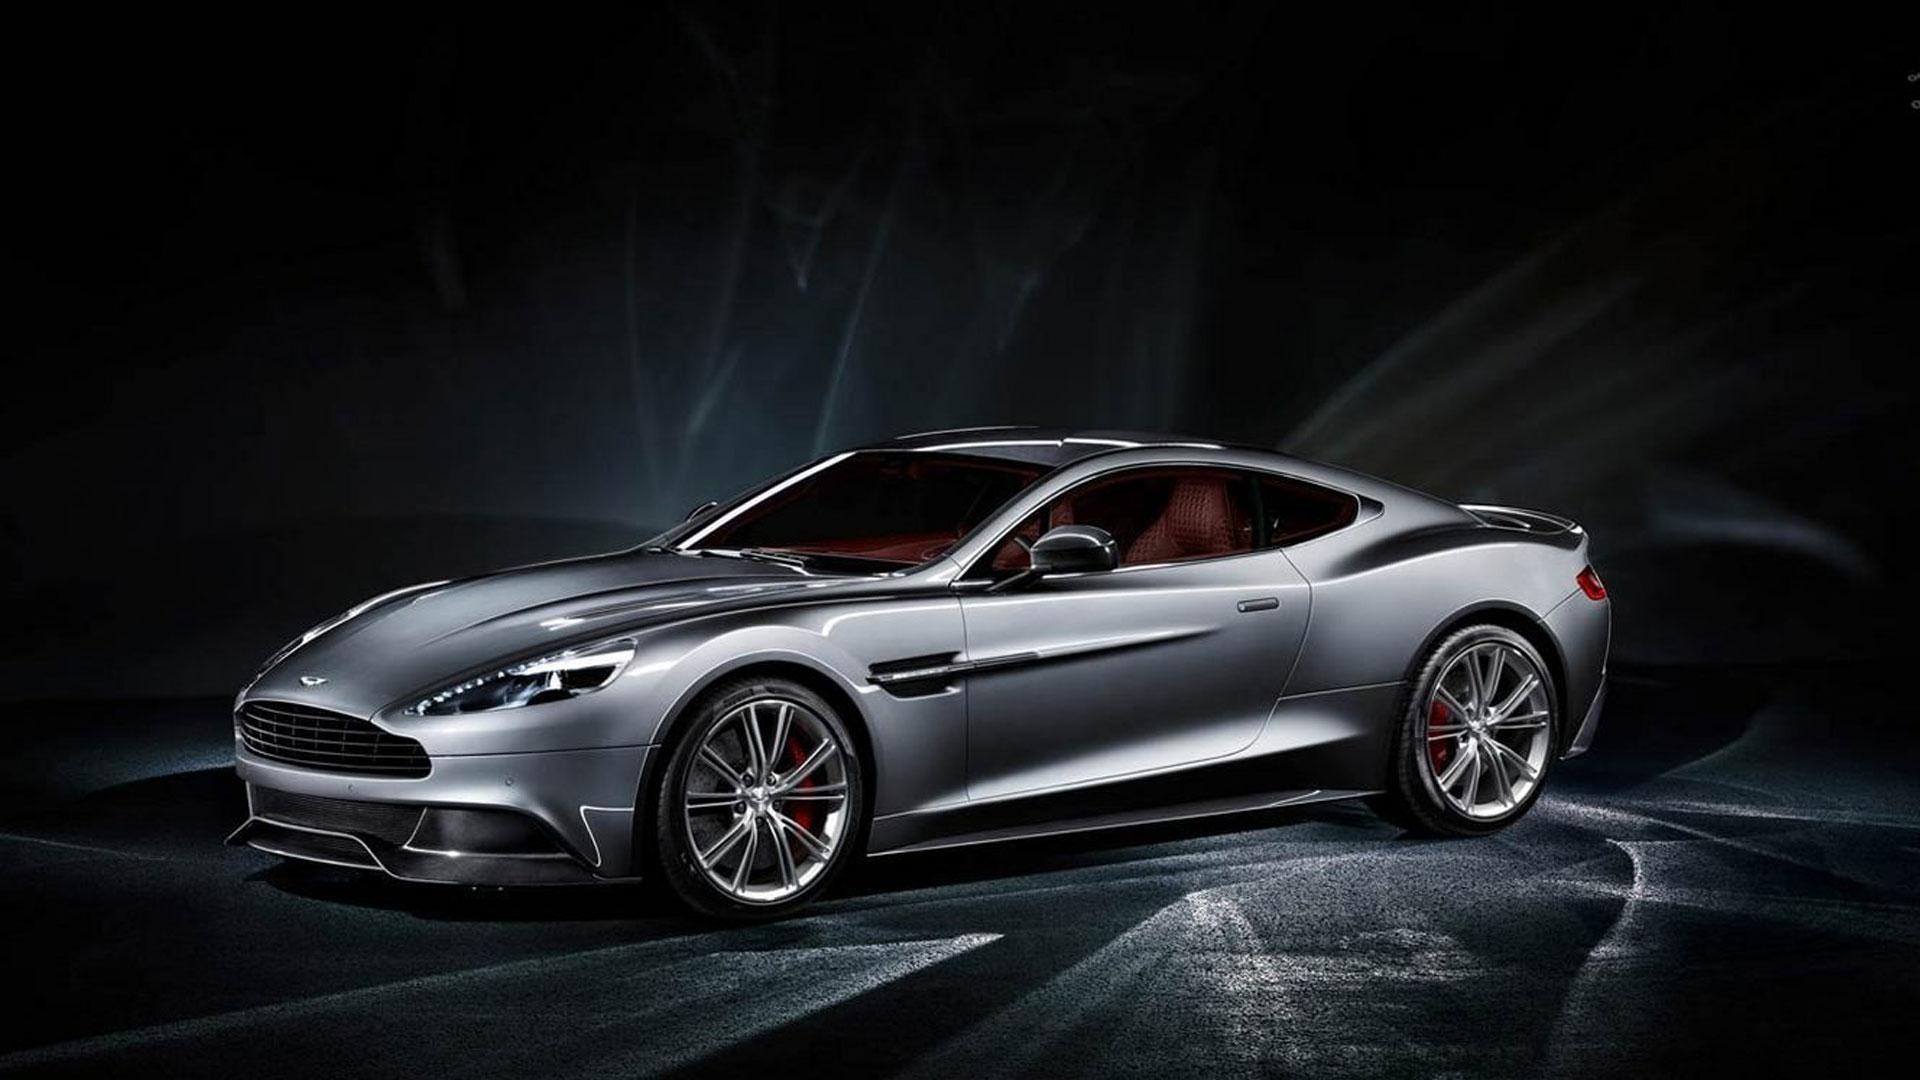 Impressive Aston Martin Vanquish 2014 1920 x 1080 194 kB jpeg 1920x1080